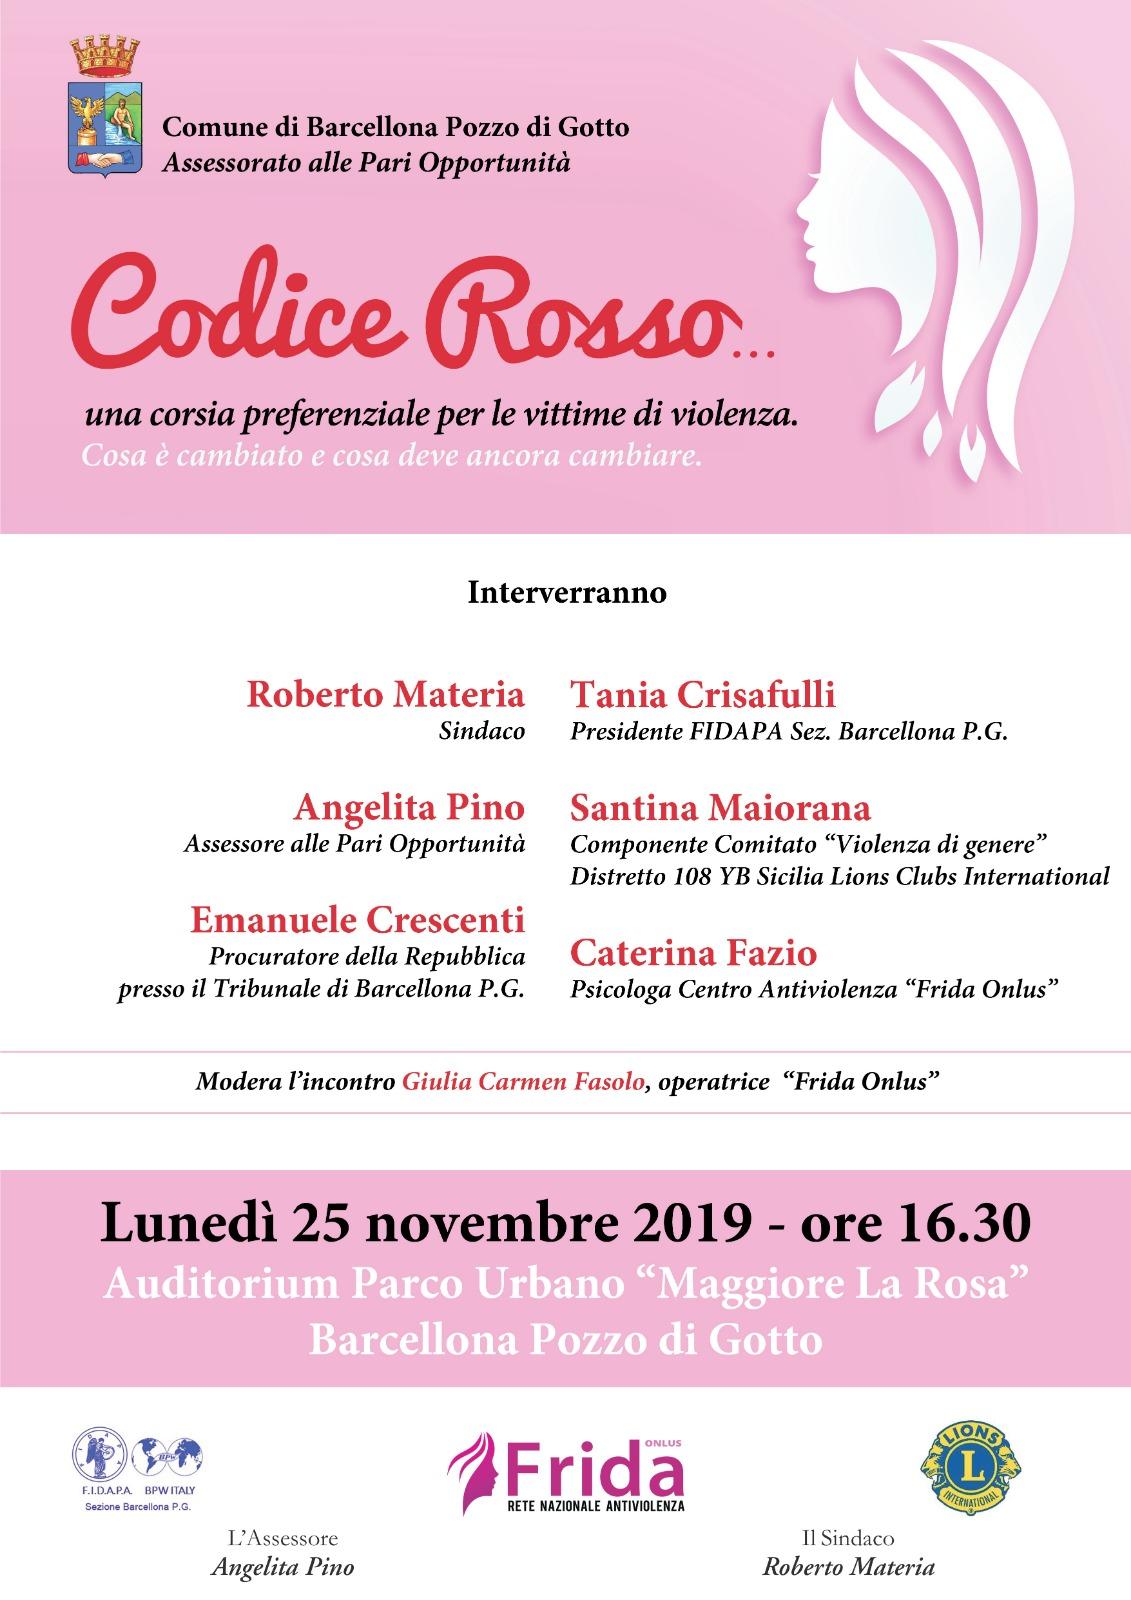 """Barcellona PG. Il convegno """"Codice Rosso"""" all'Auditorium del Parco Urbano """"Maggiore La Rosa"""""""